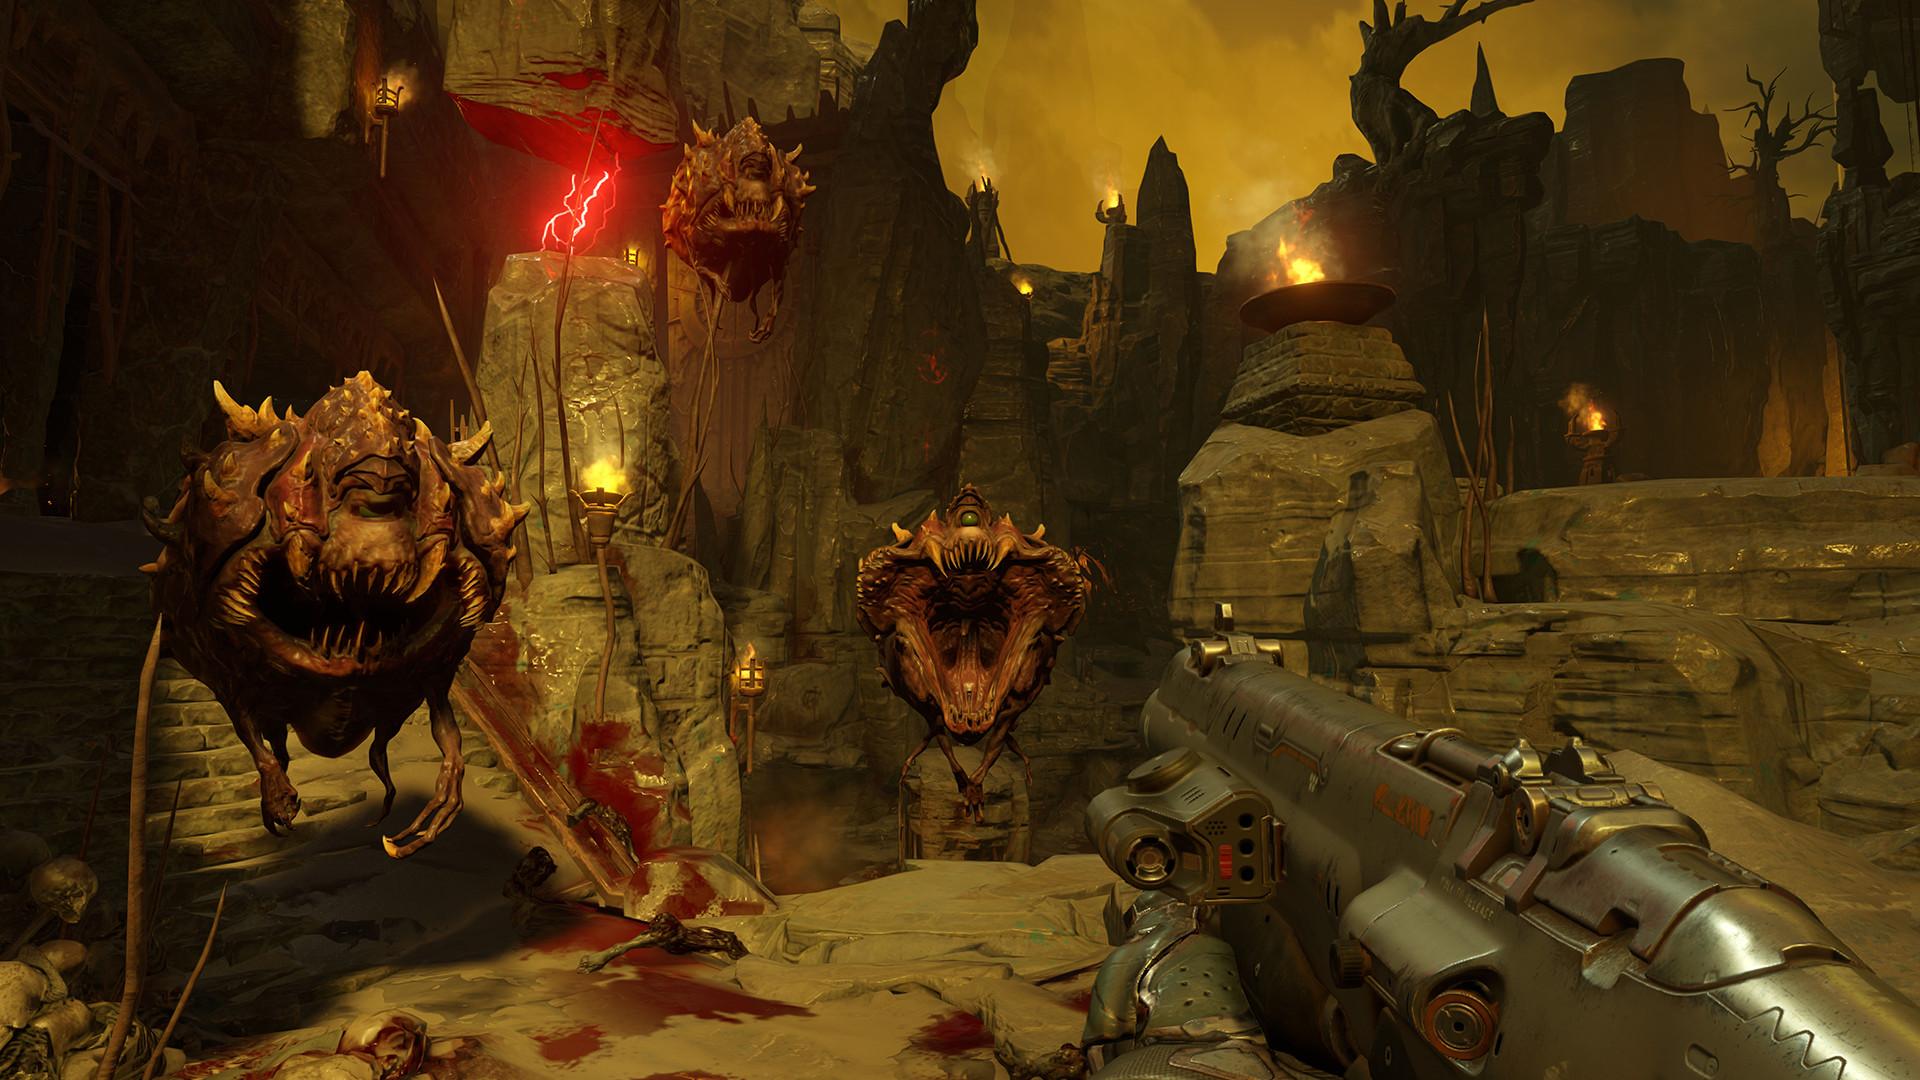 Создатель первой Doom собирается что-то анонсировать в понедельник в честь 25-летия серии